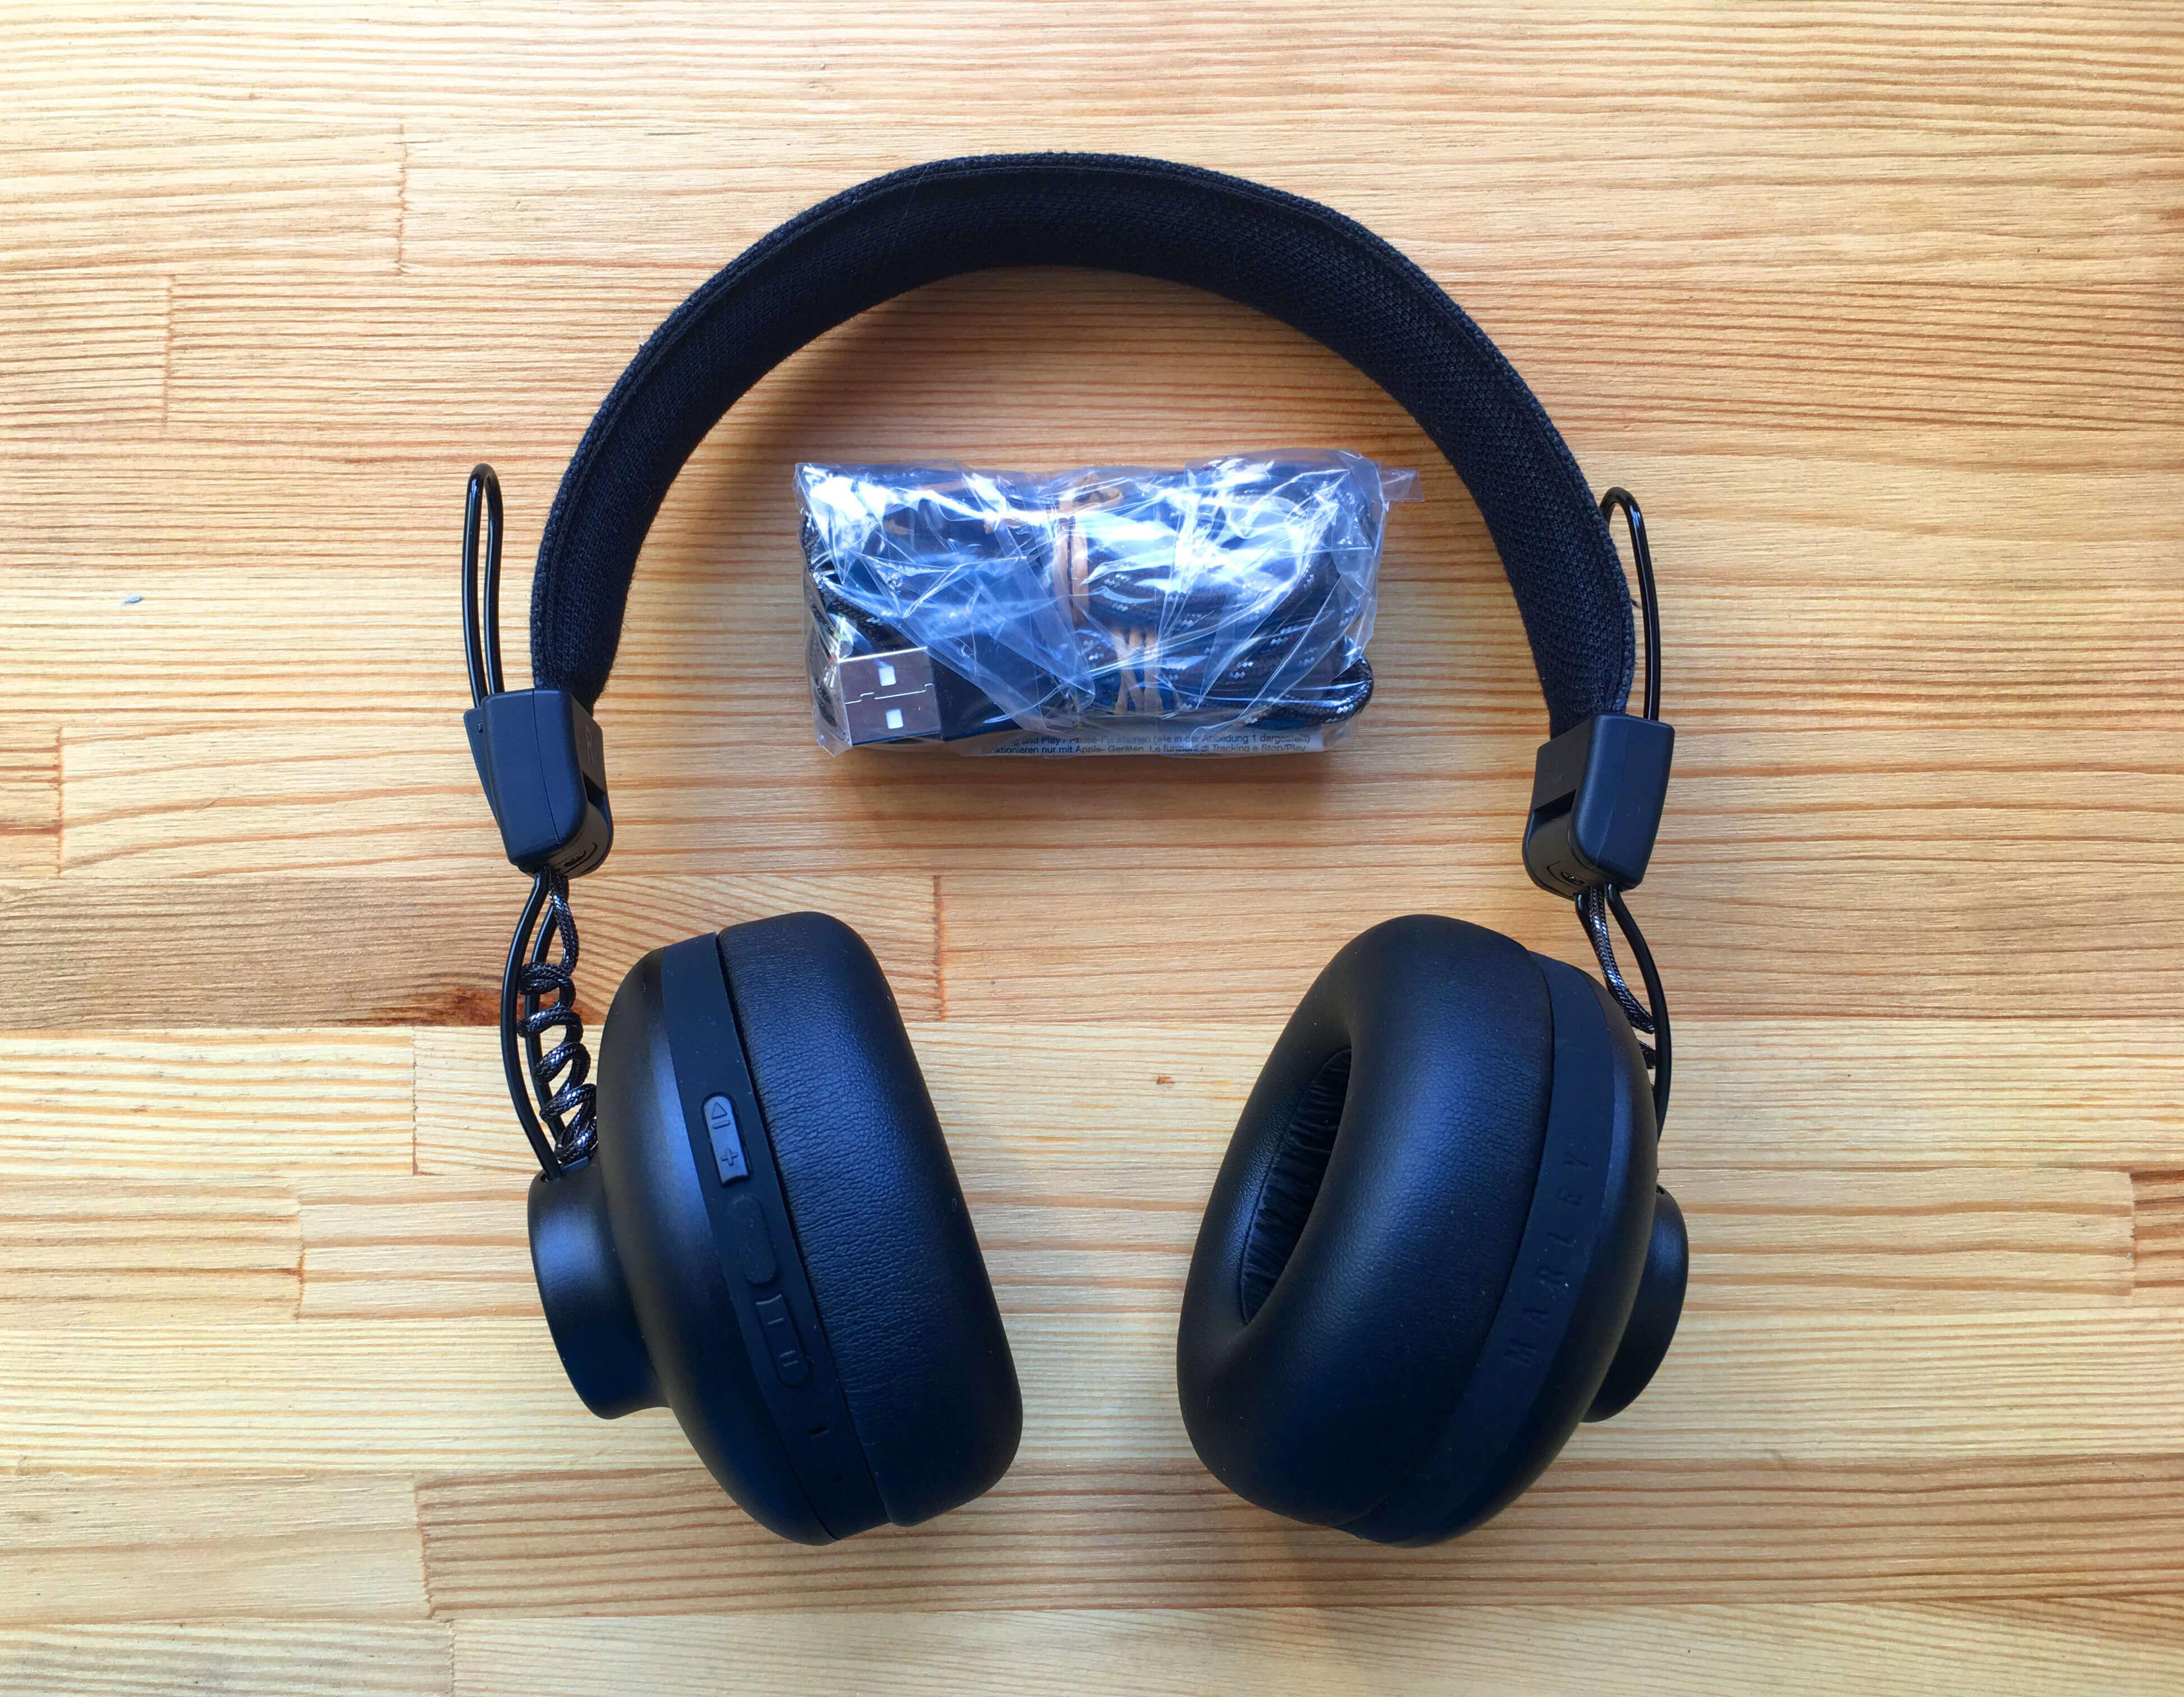 Positive Vibration 2 Wireless Pierwsze wrażenia